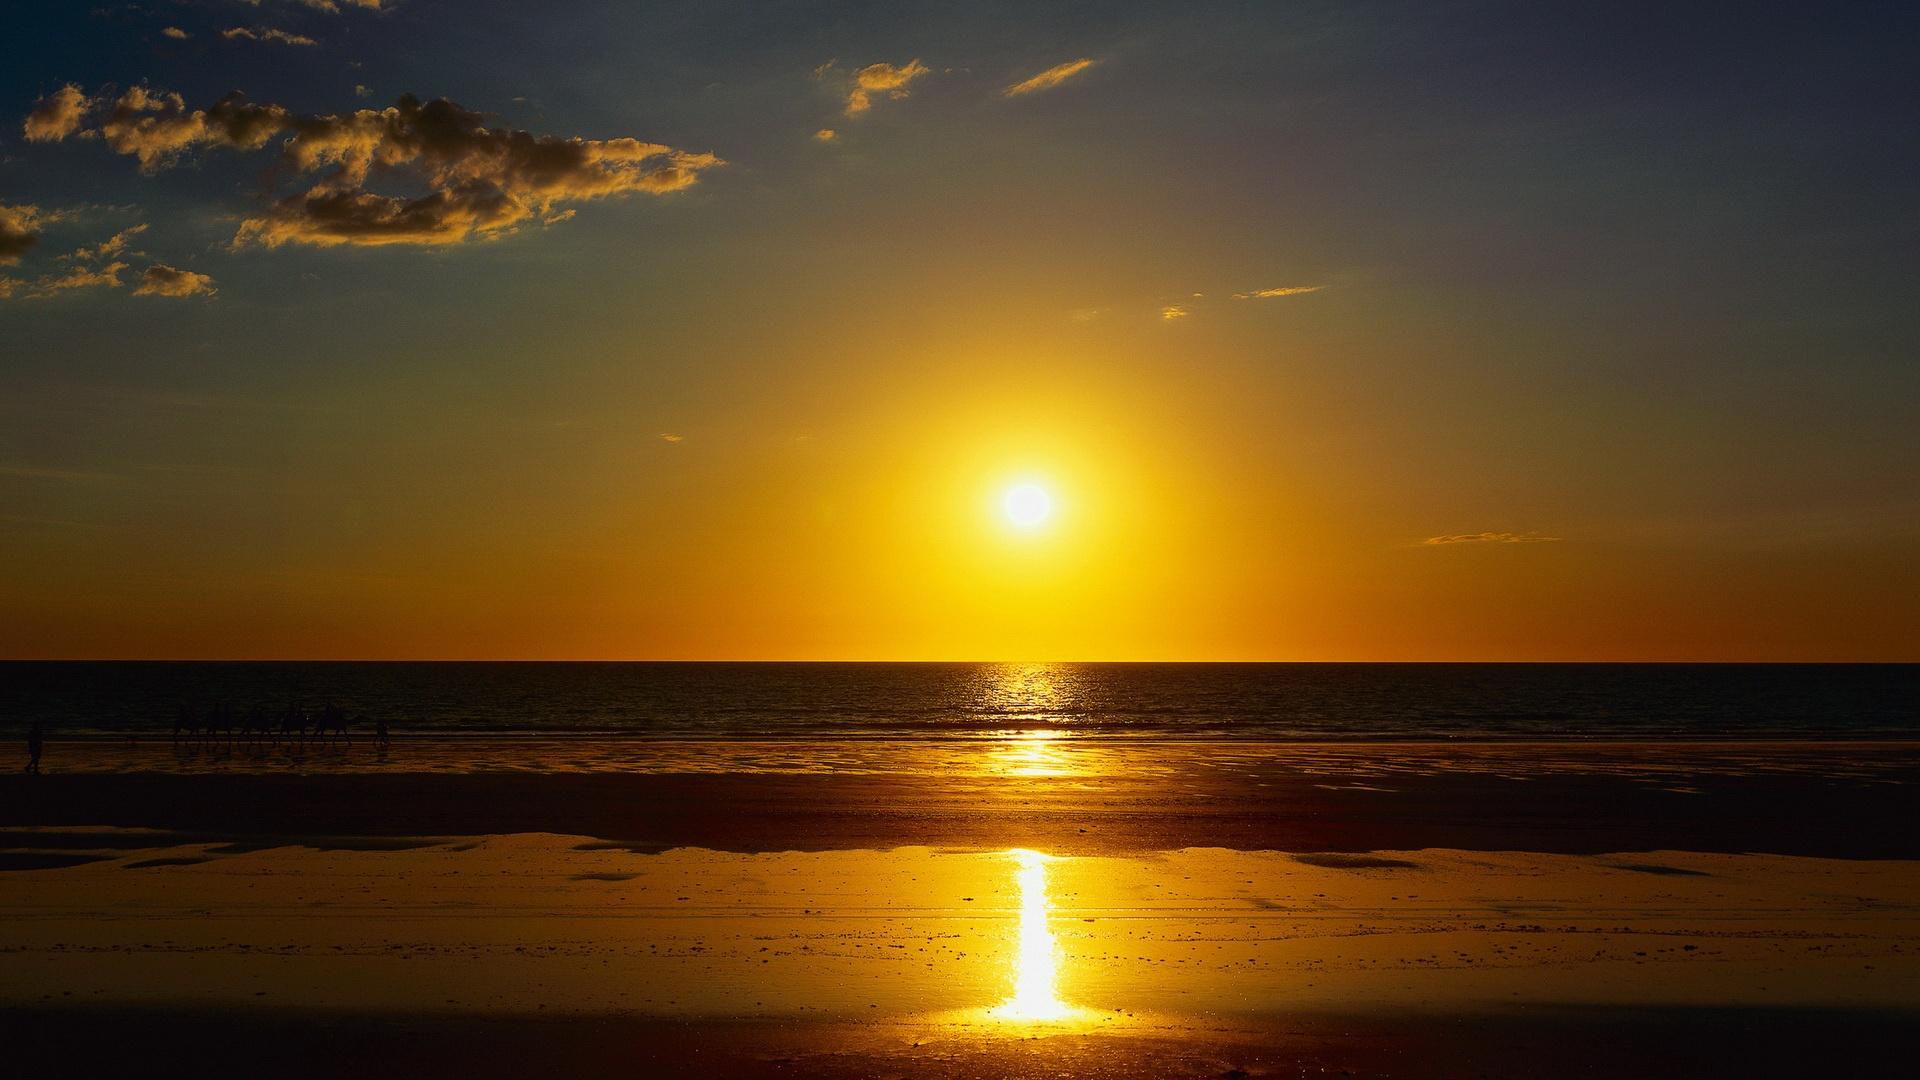 6988929-rising-sun